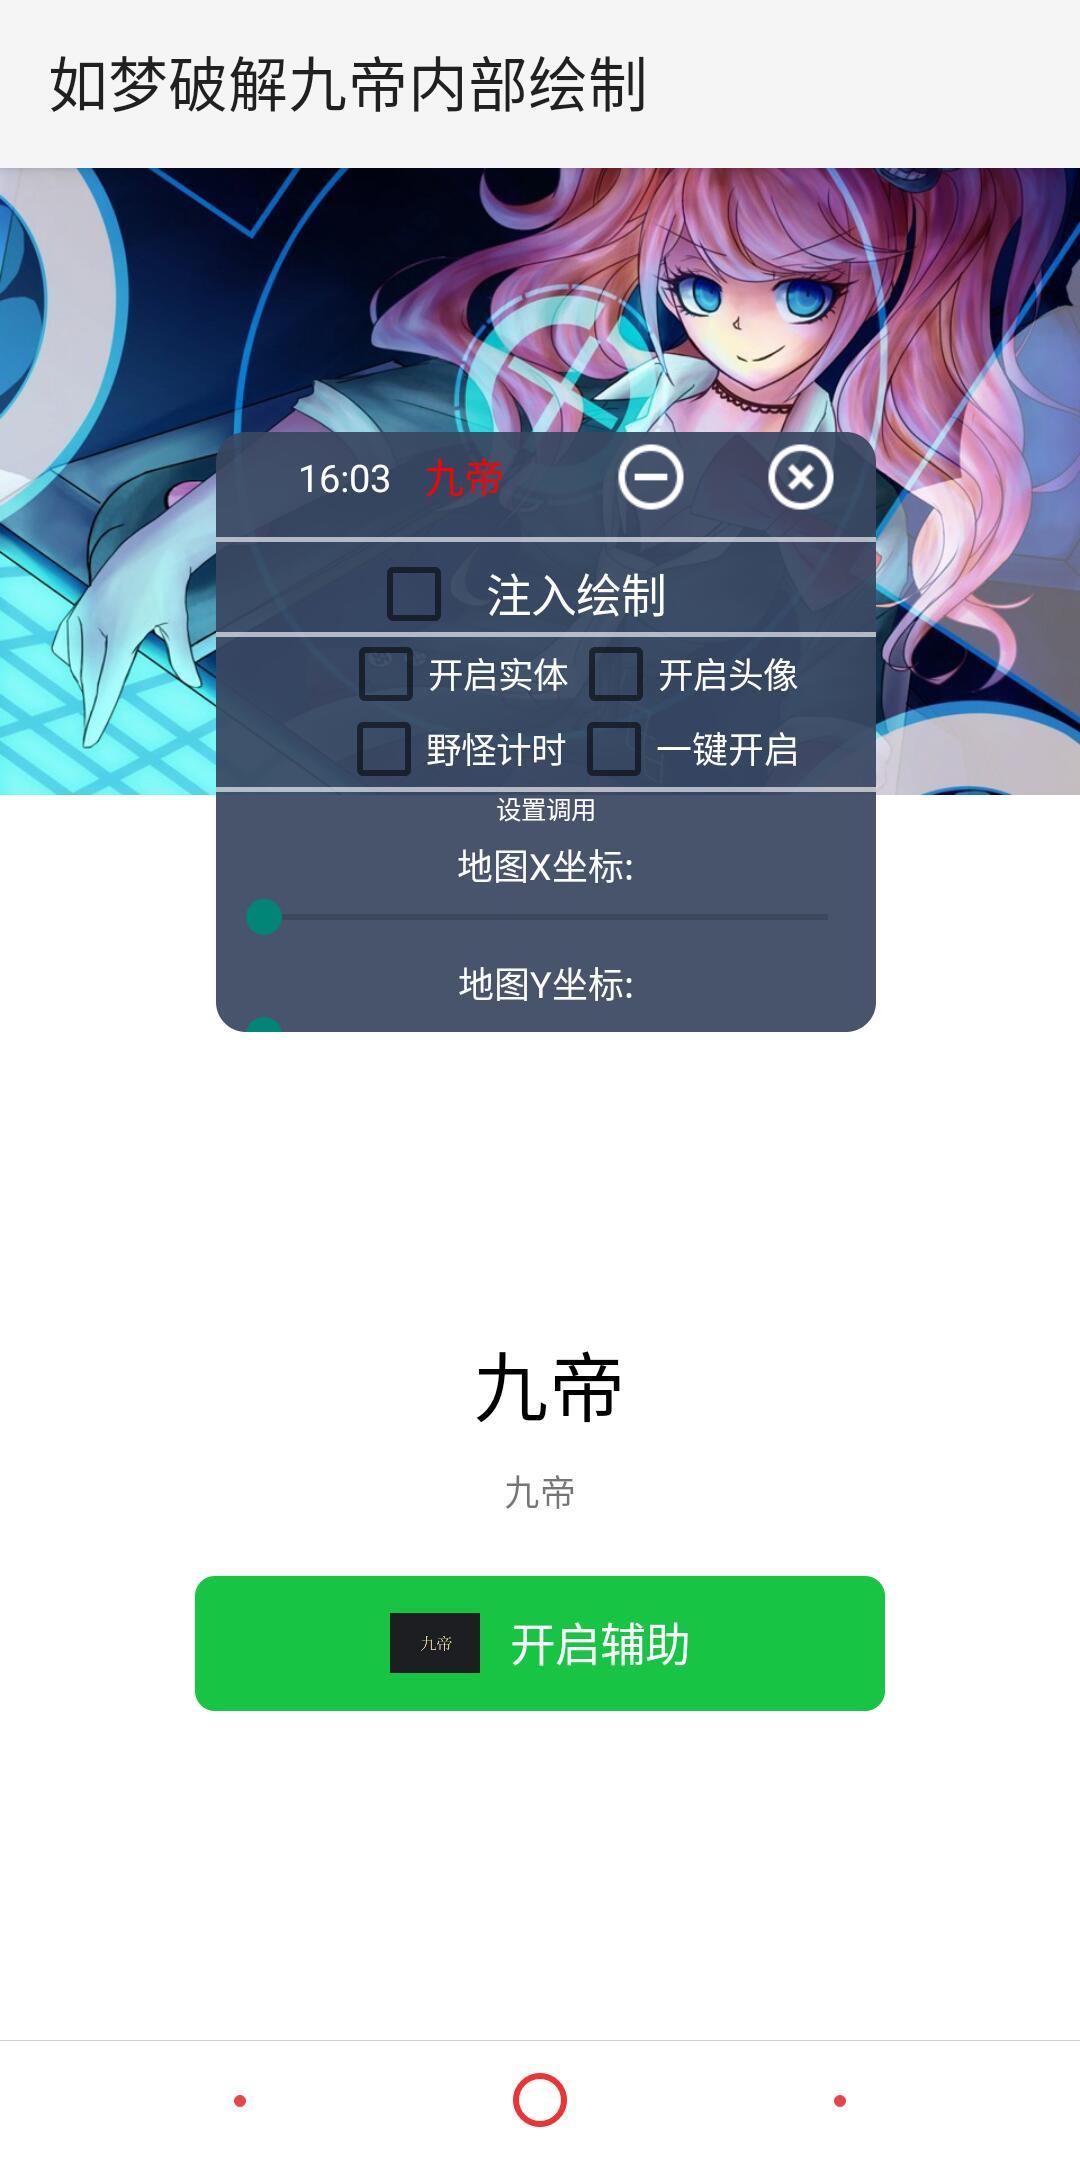 王者荣耀免费透视如梦破解最新版本4.6  第2张